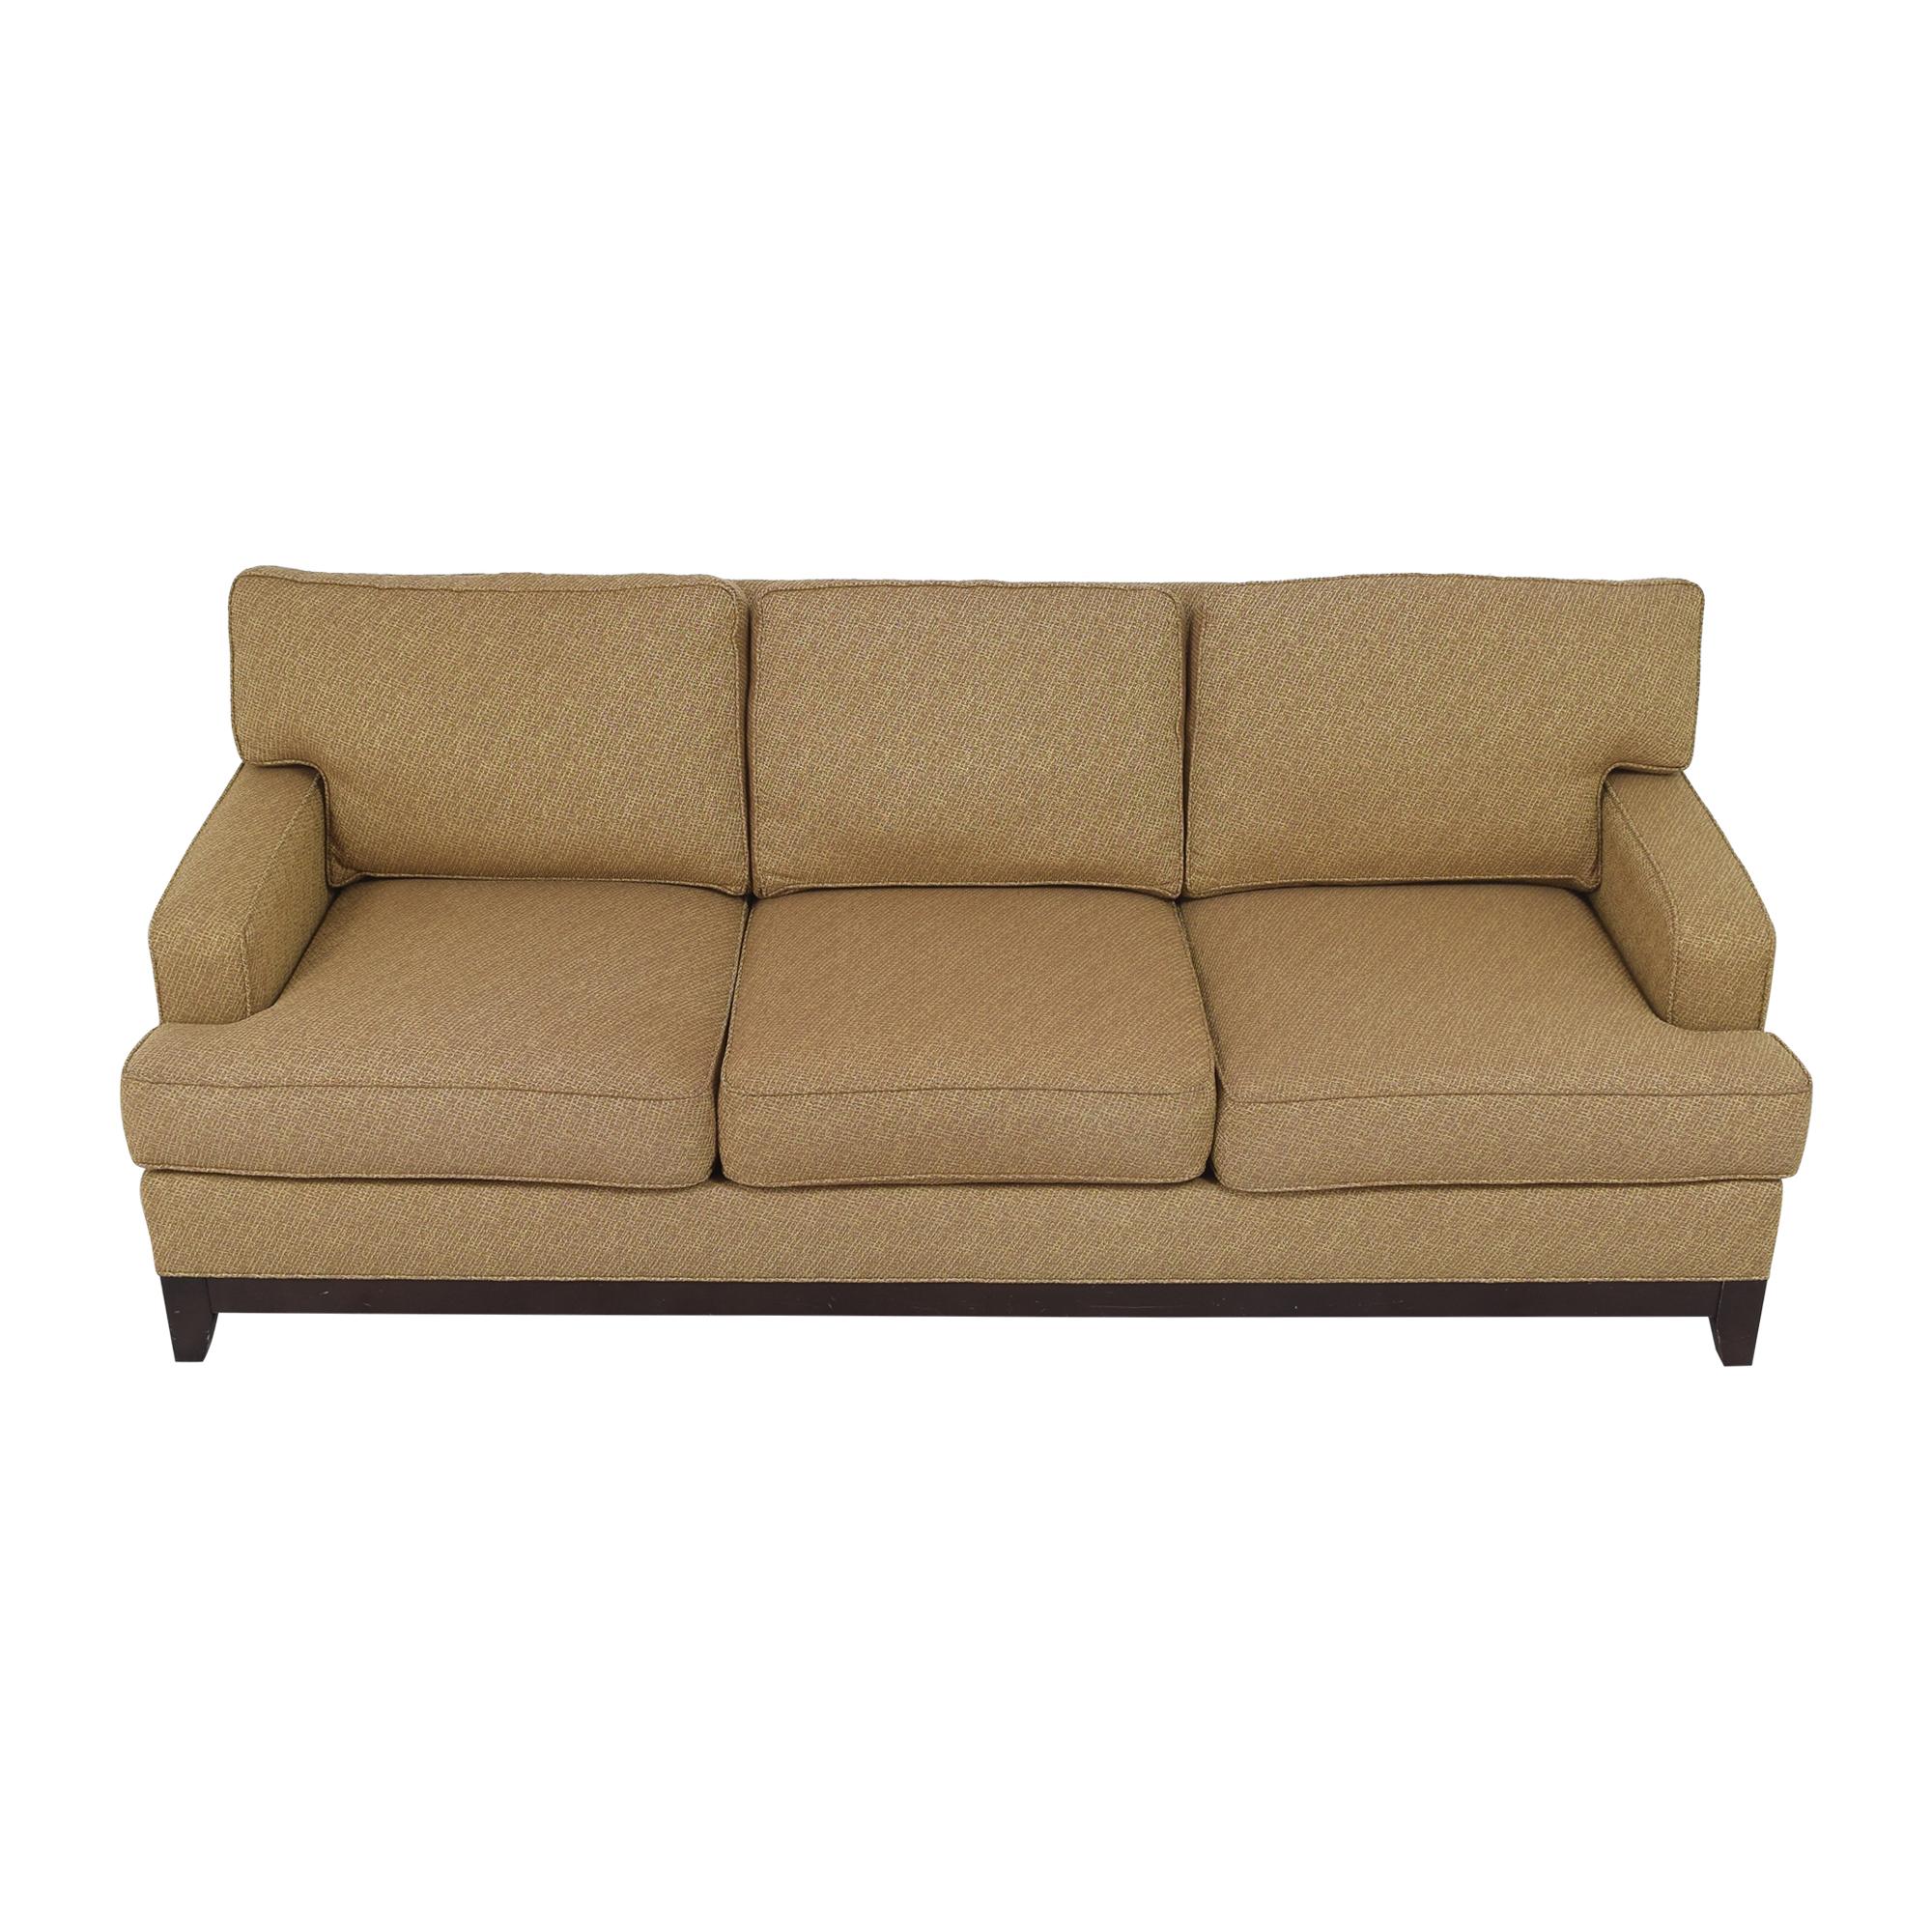 buy Ethan Allen Arcata Sofa Ethan Allen Sofas